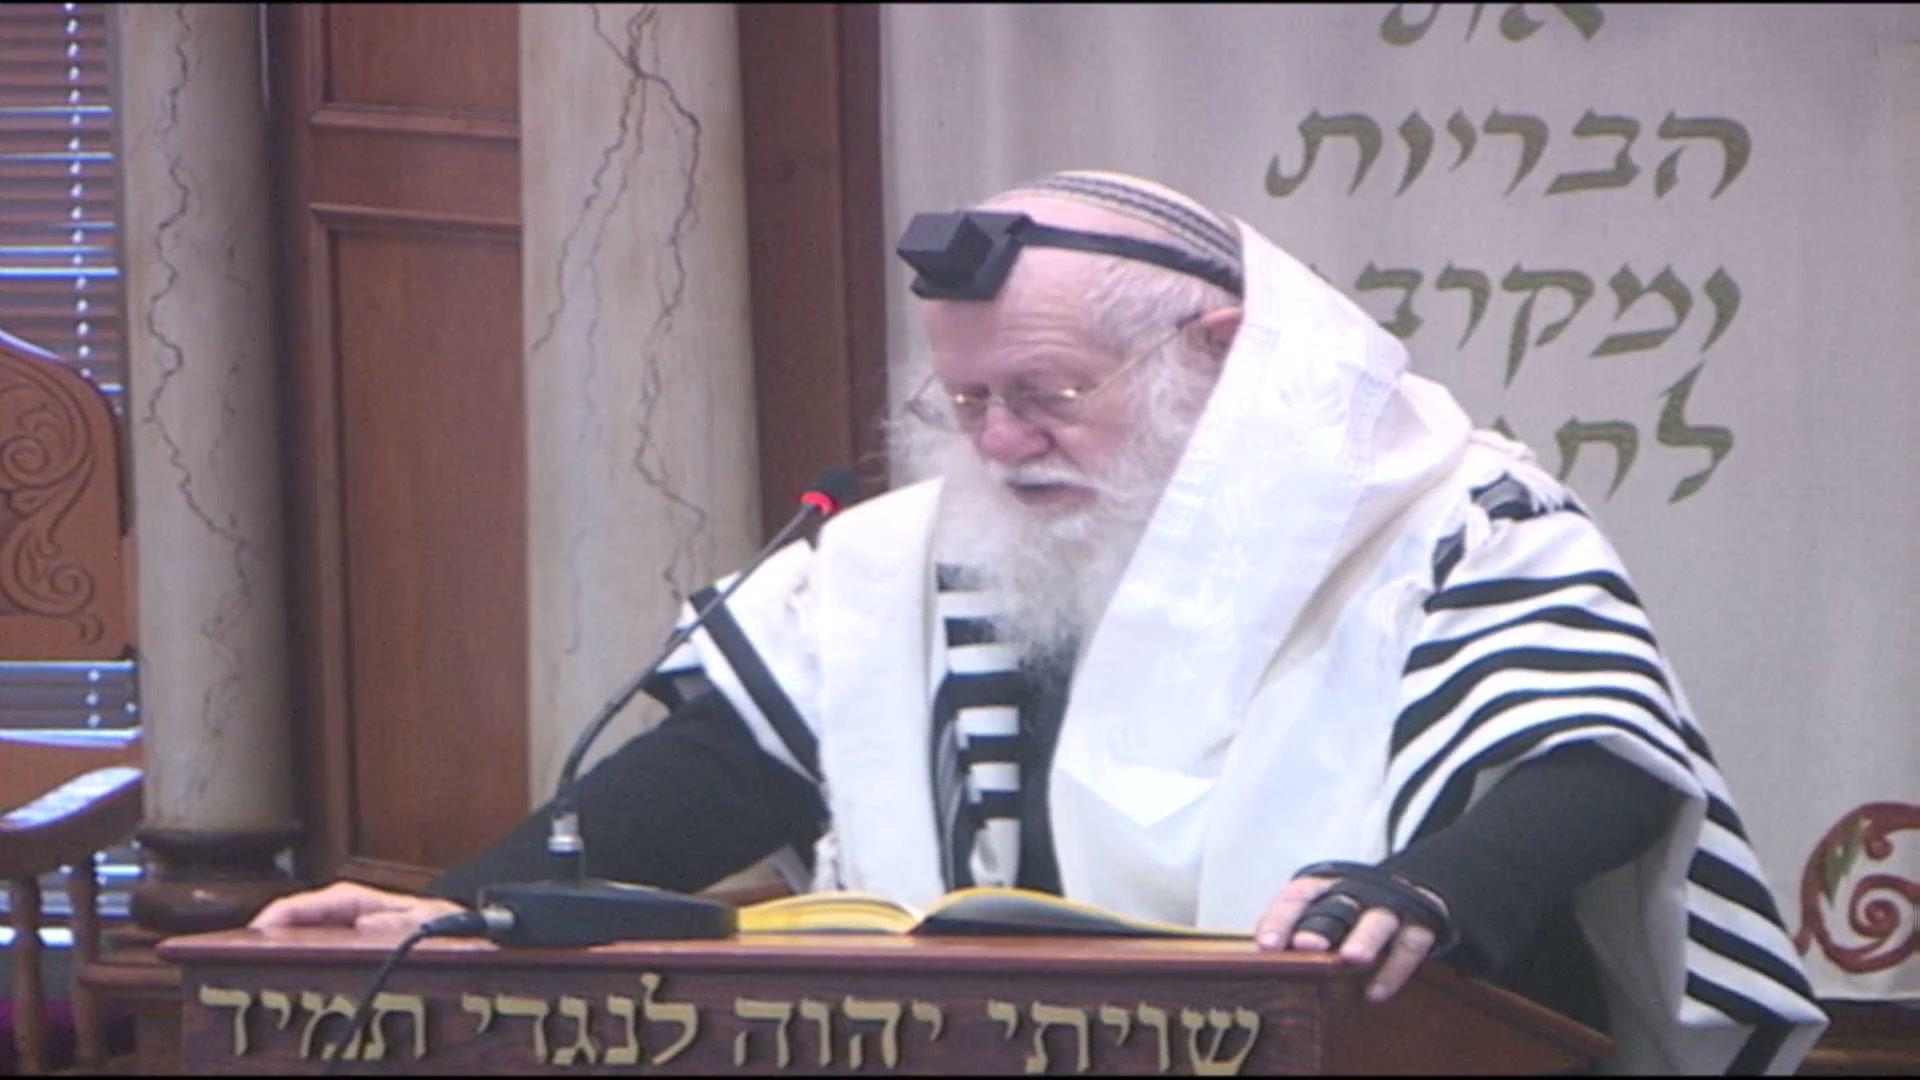 באיזה מקום ראוי להתפלל יותר ? בית הכנסת או בית המדרש ?